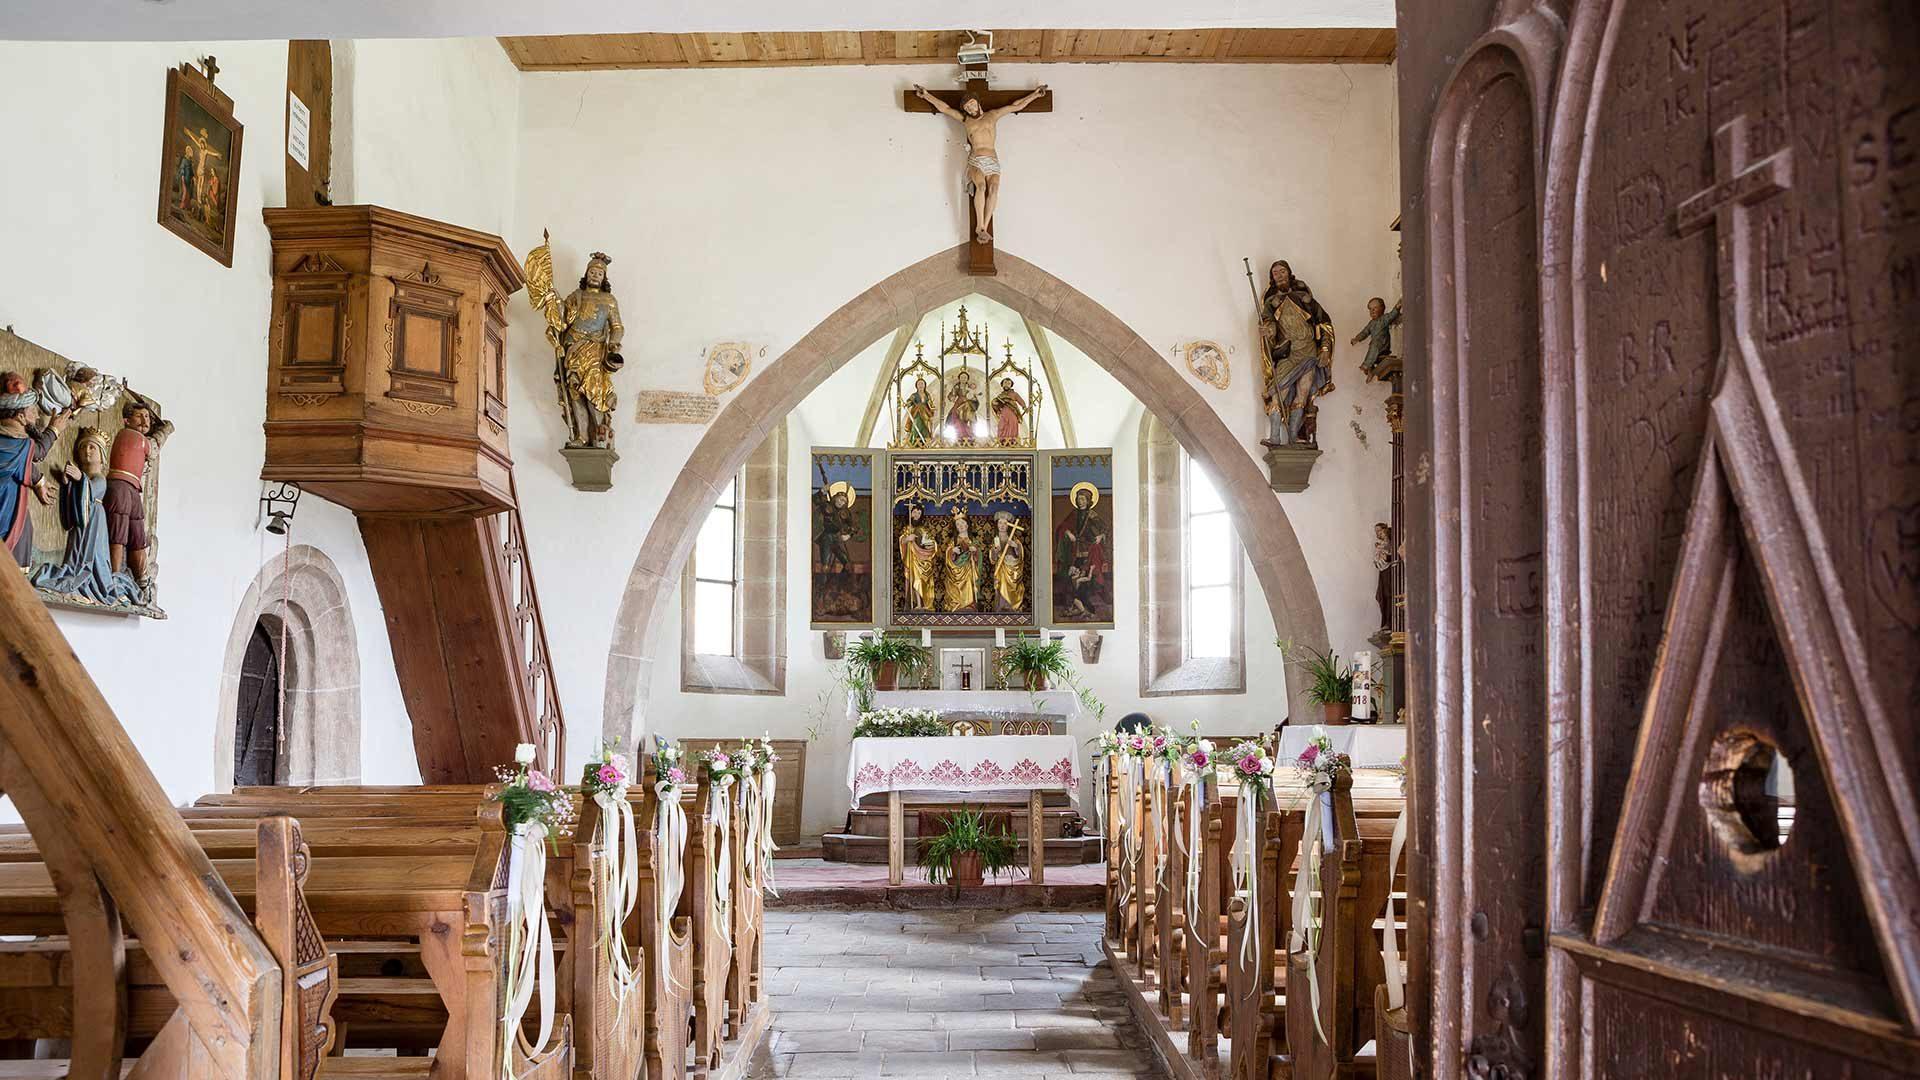 Chiesetta di Santa Caterina - Altare